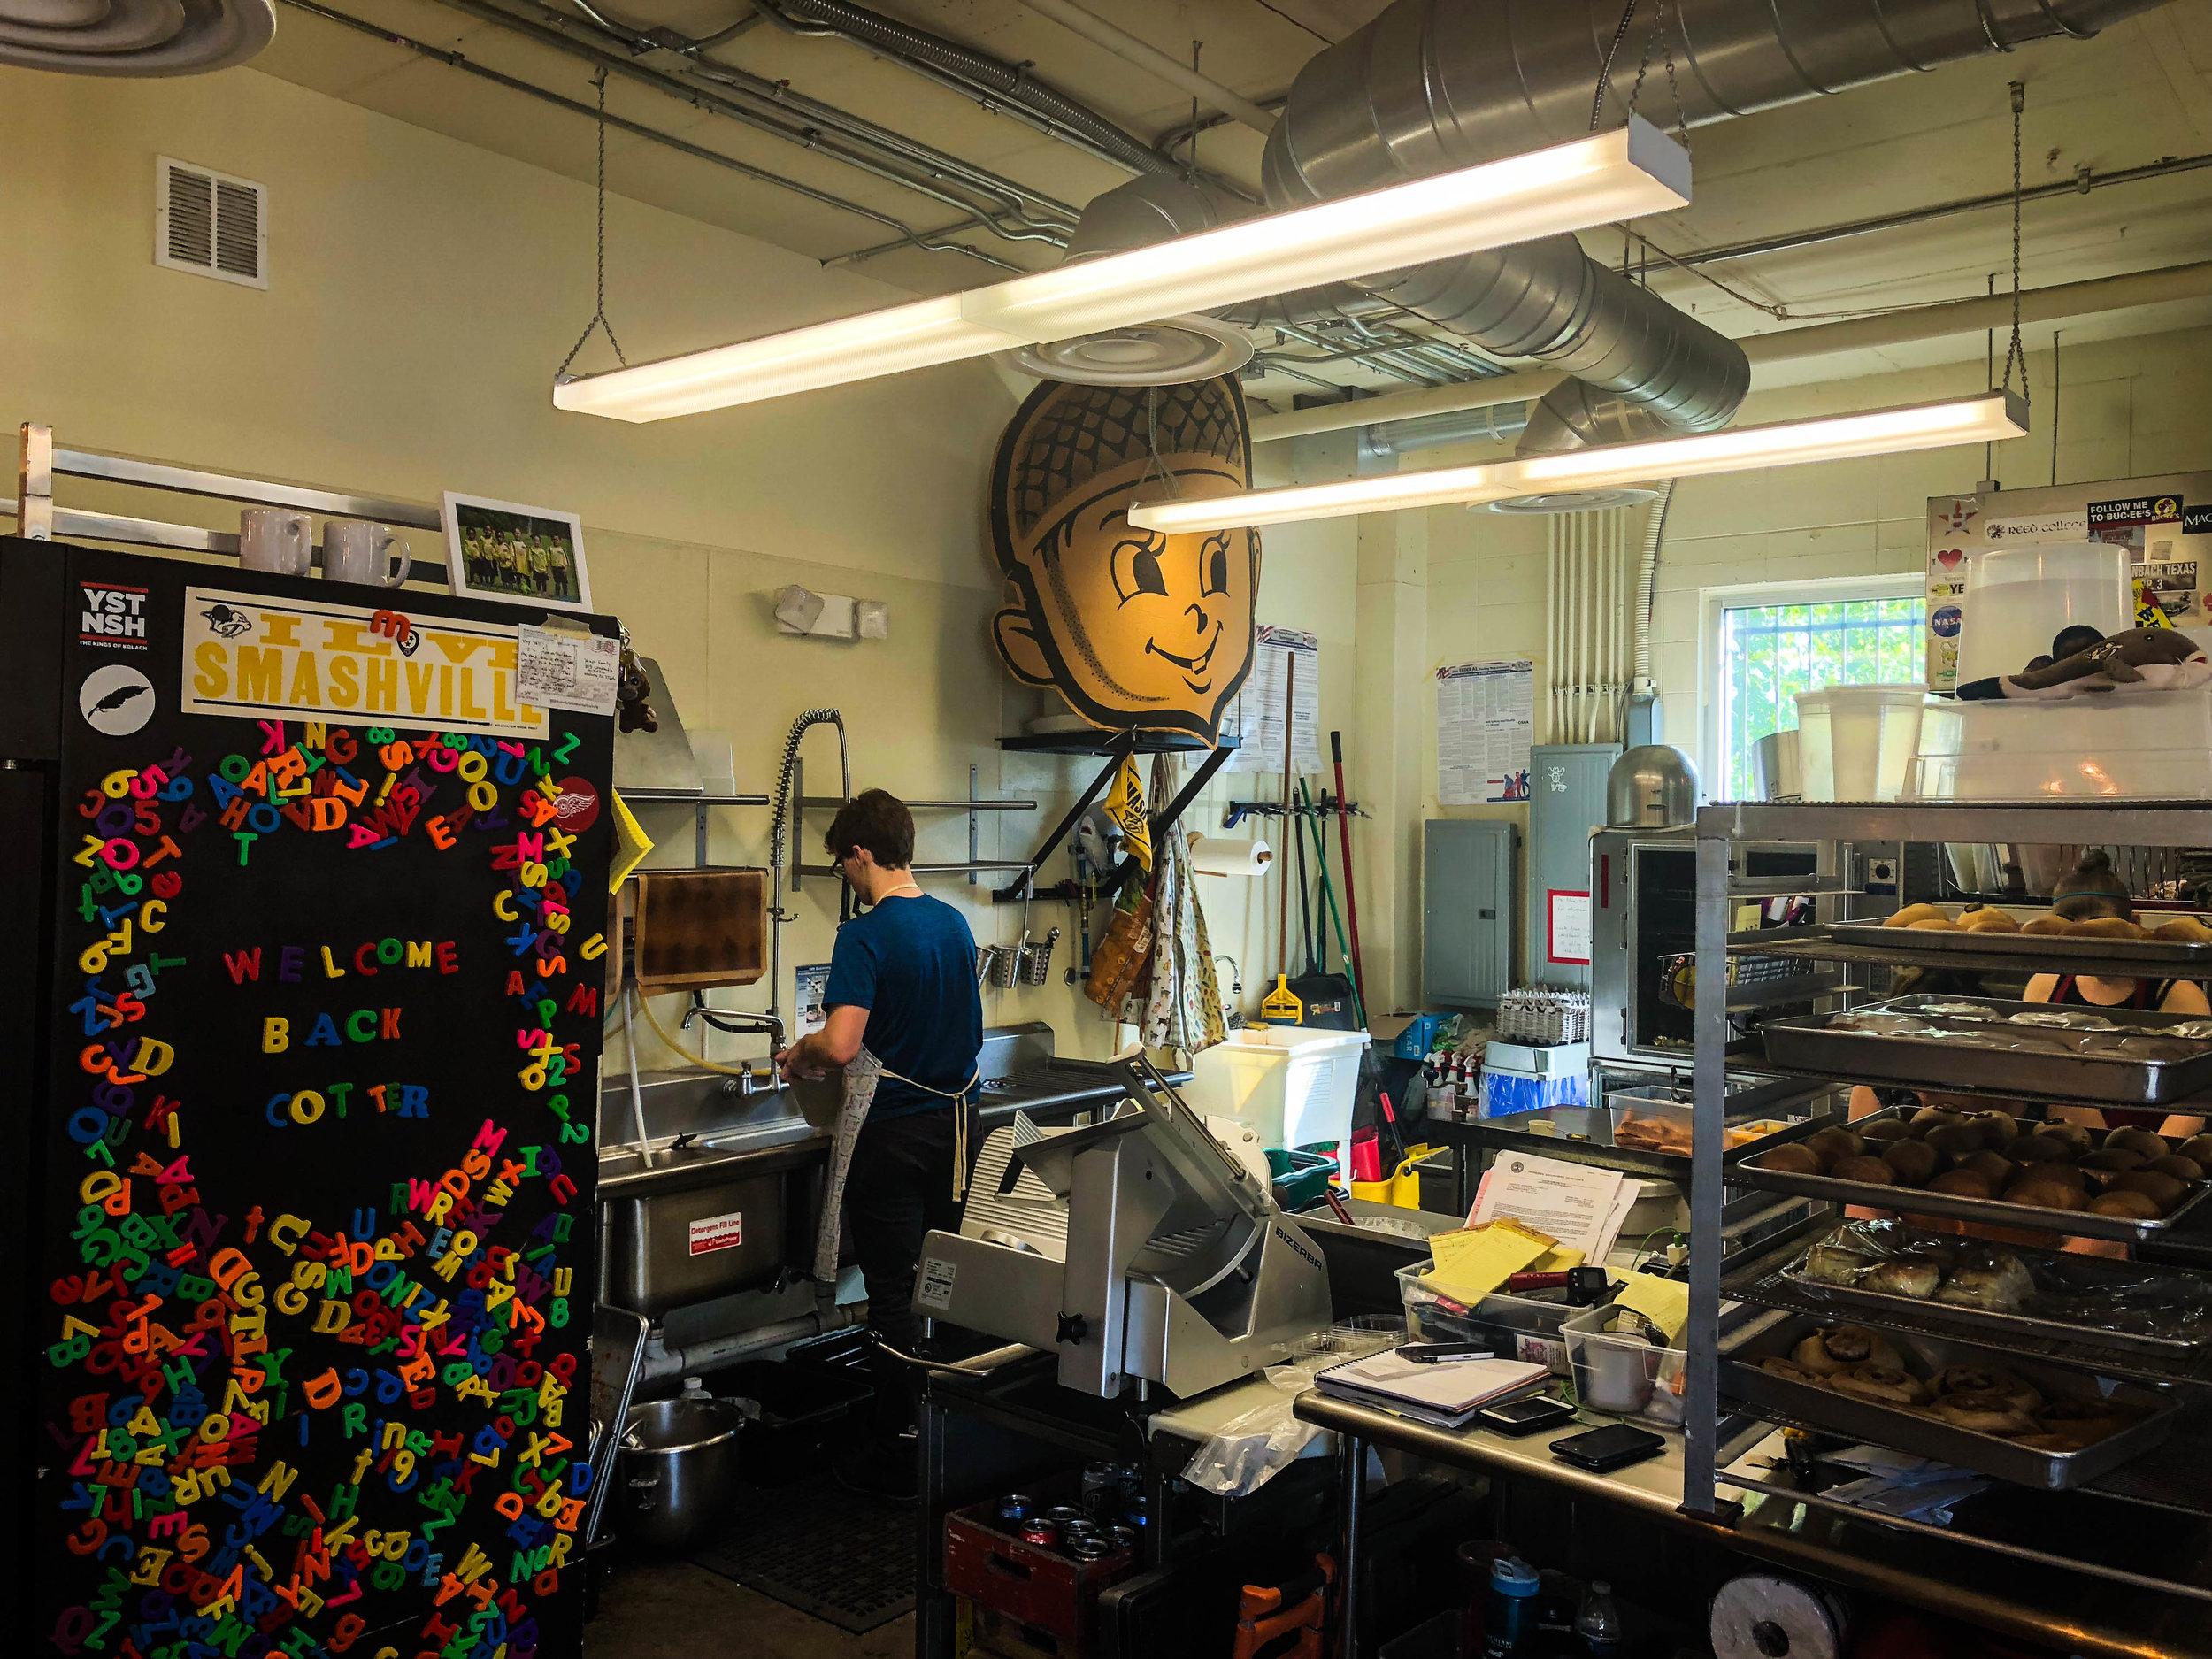 yeast-nashville-coffee-shops-1.jpg